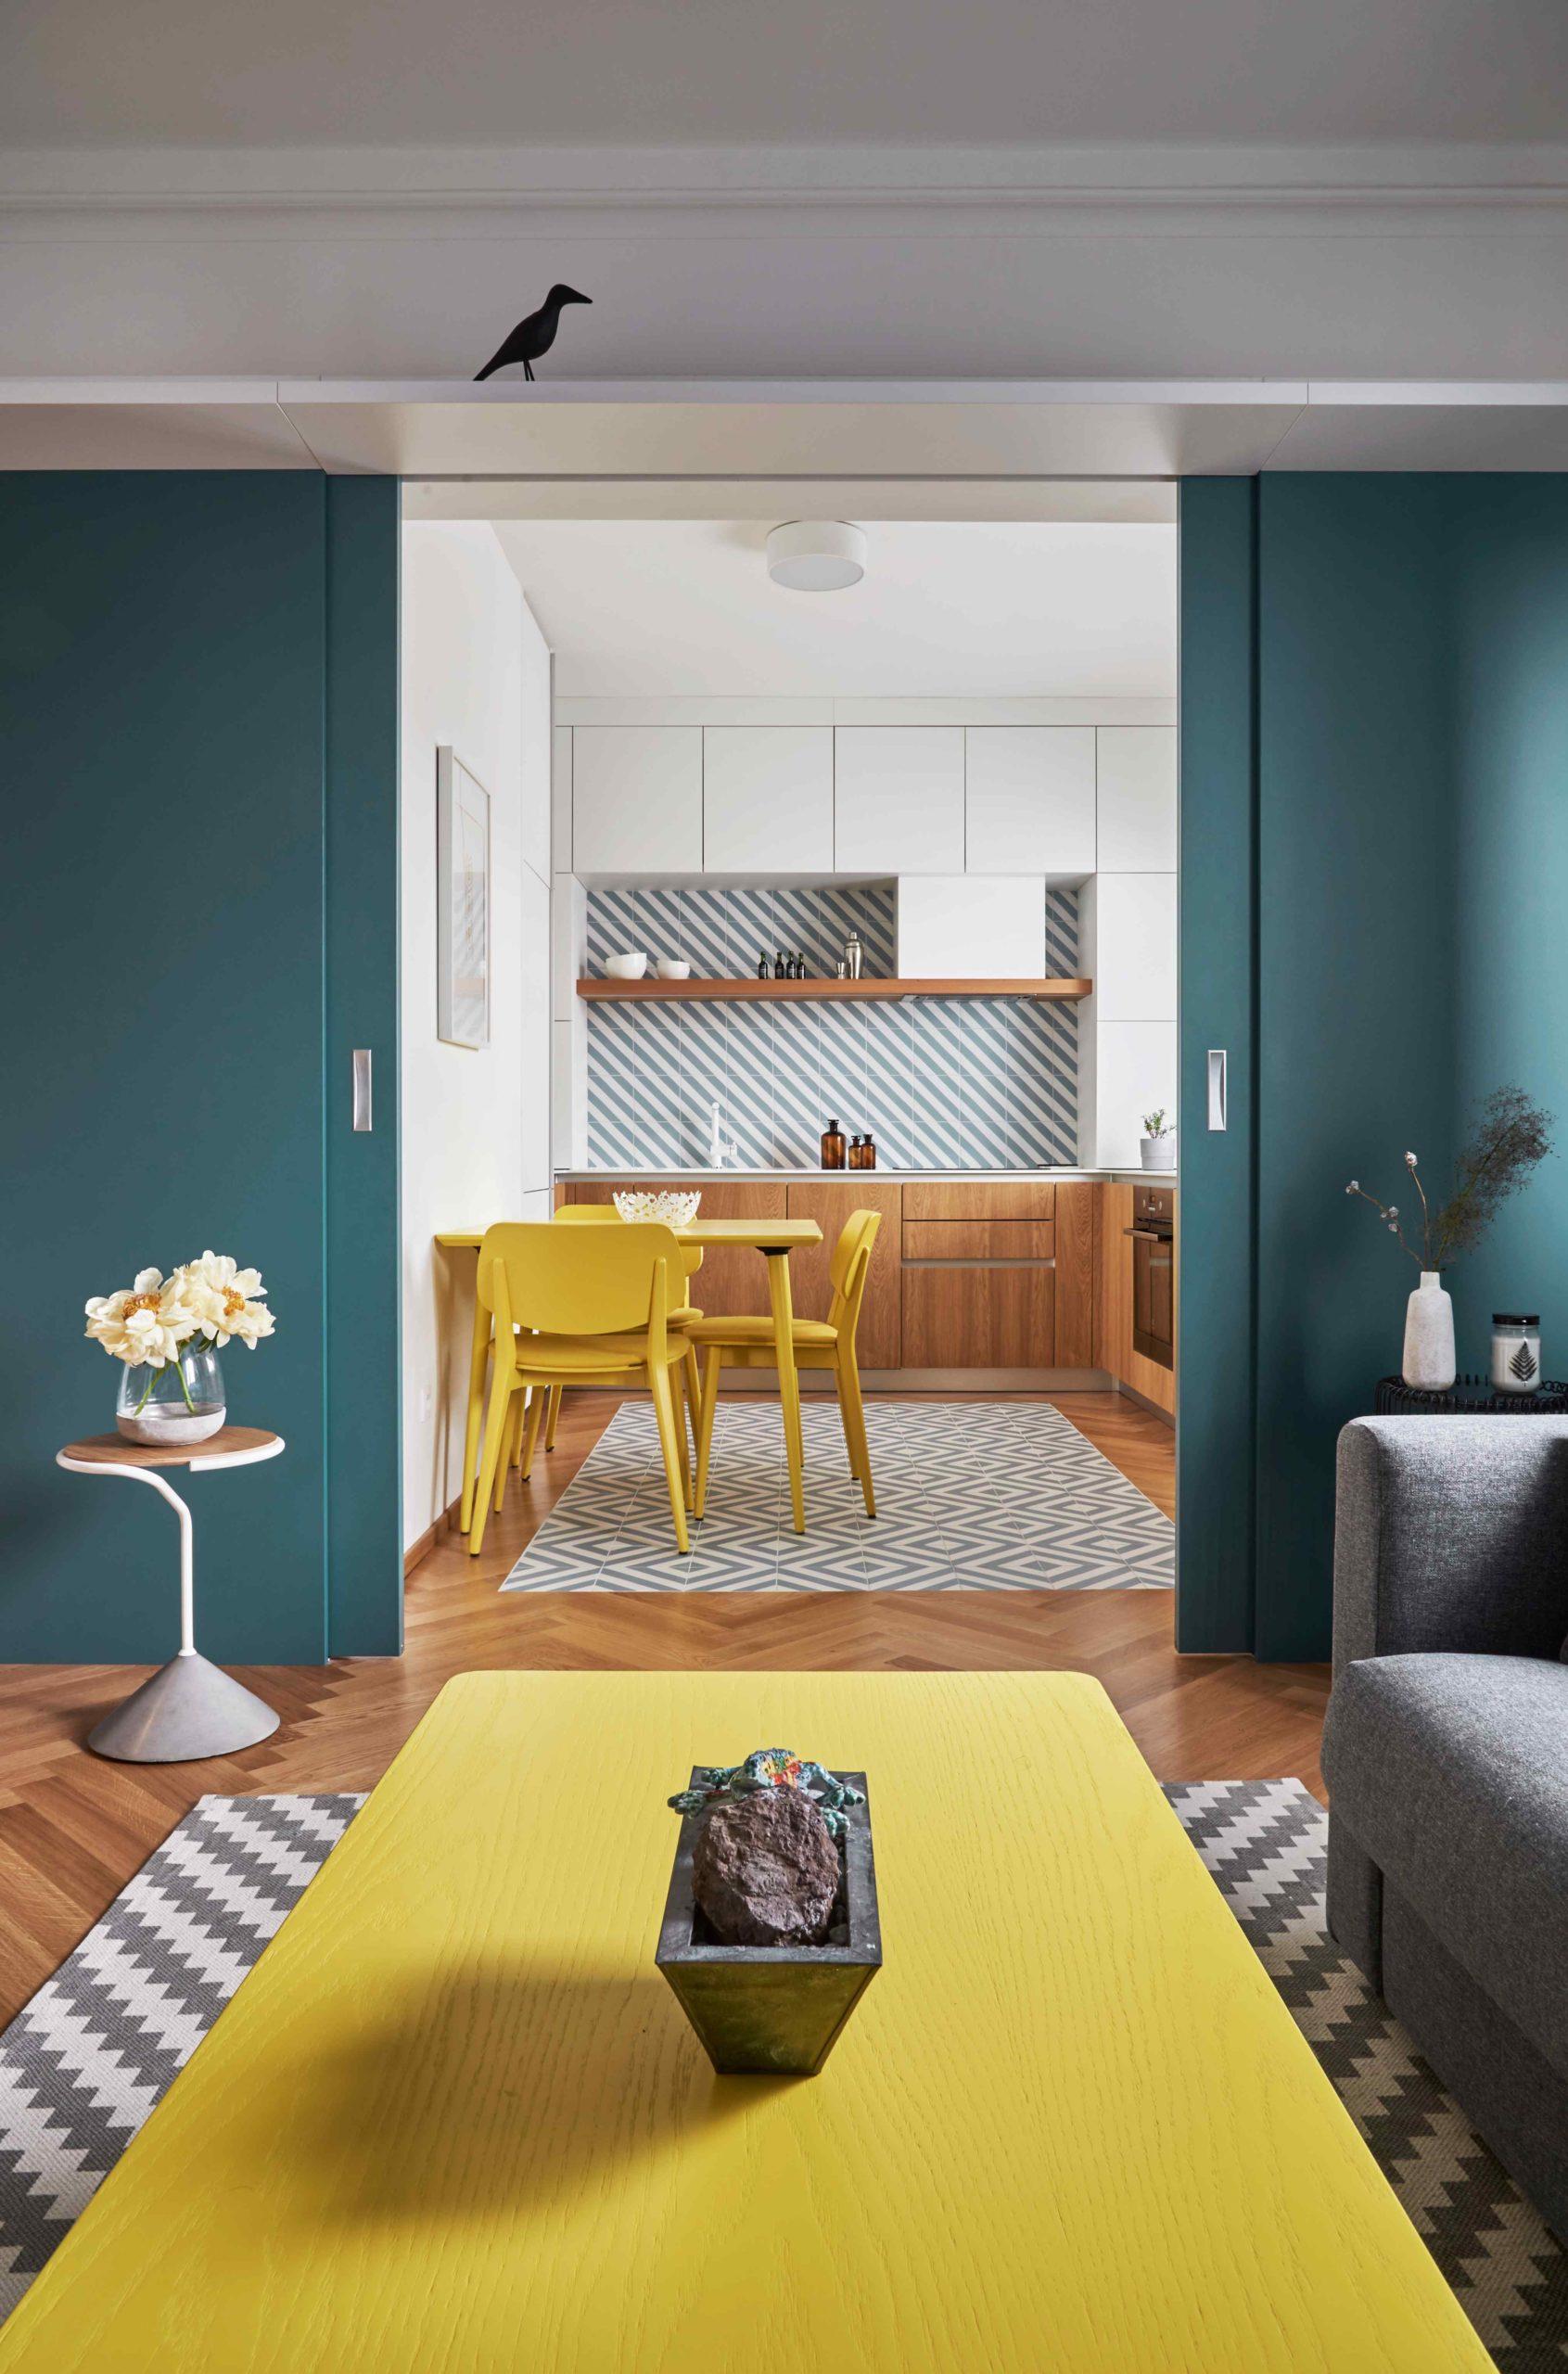 Obývák se zelenými posuvnými dveřmi do biílé kuchyně